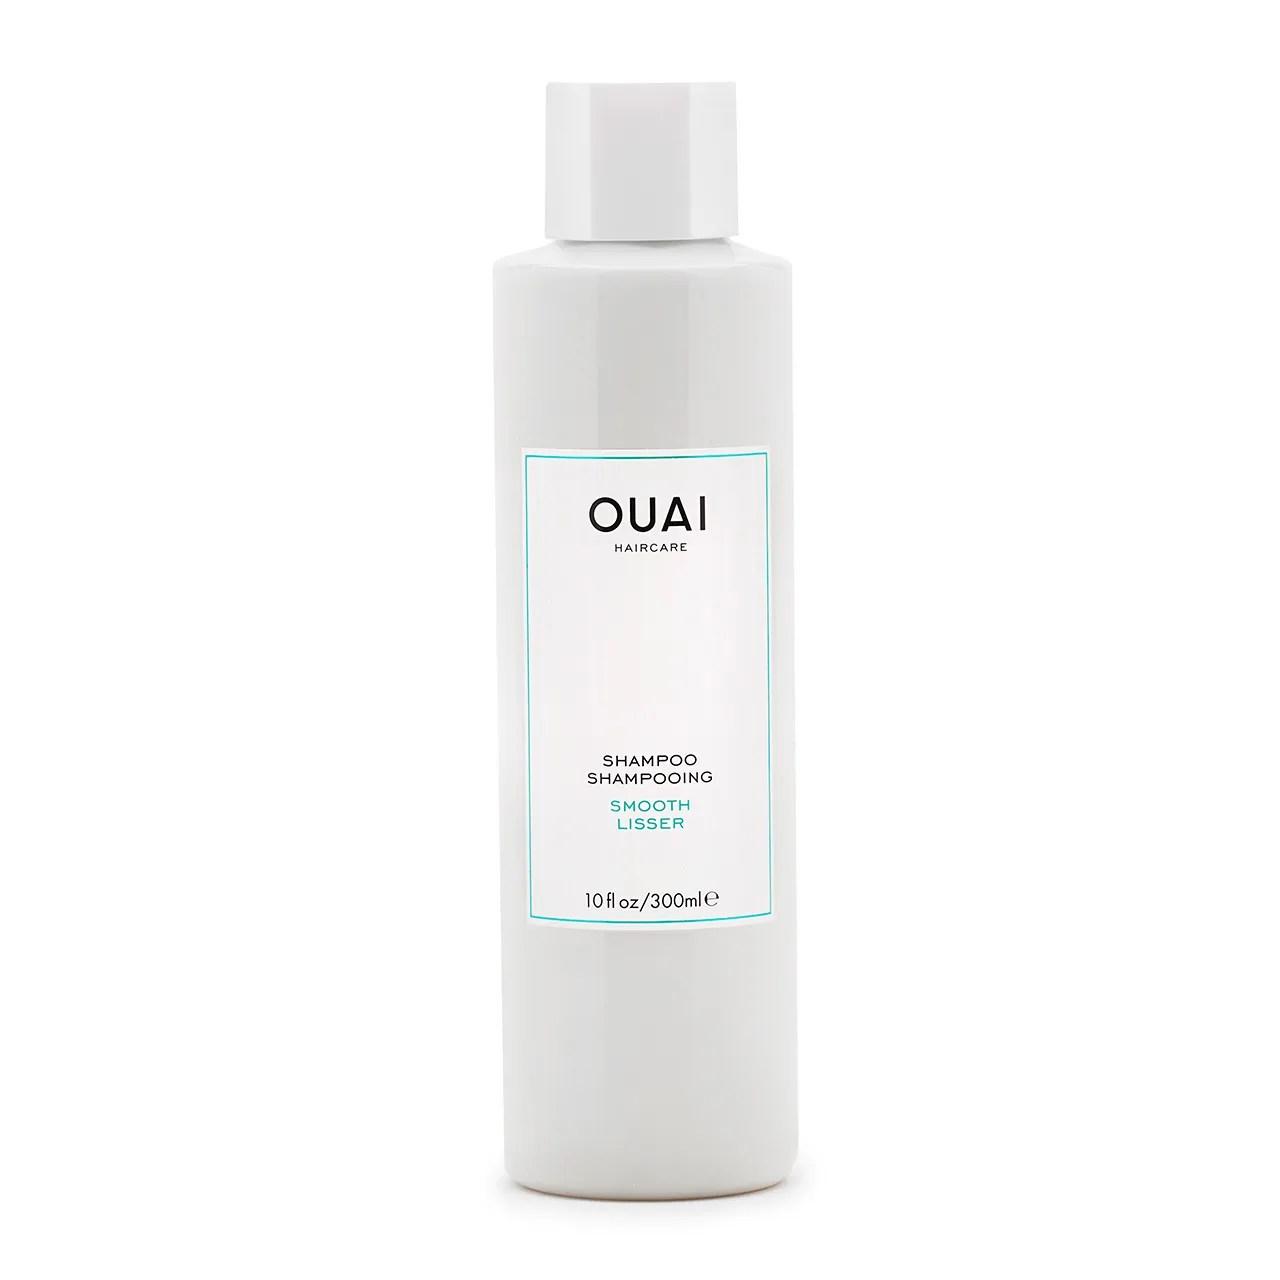 Ouai Smooth Shampoo Review Allure